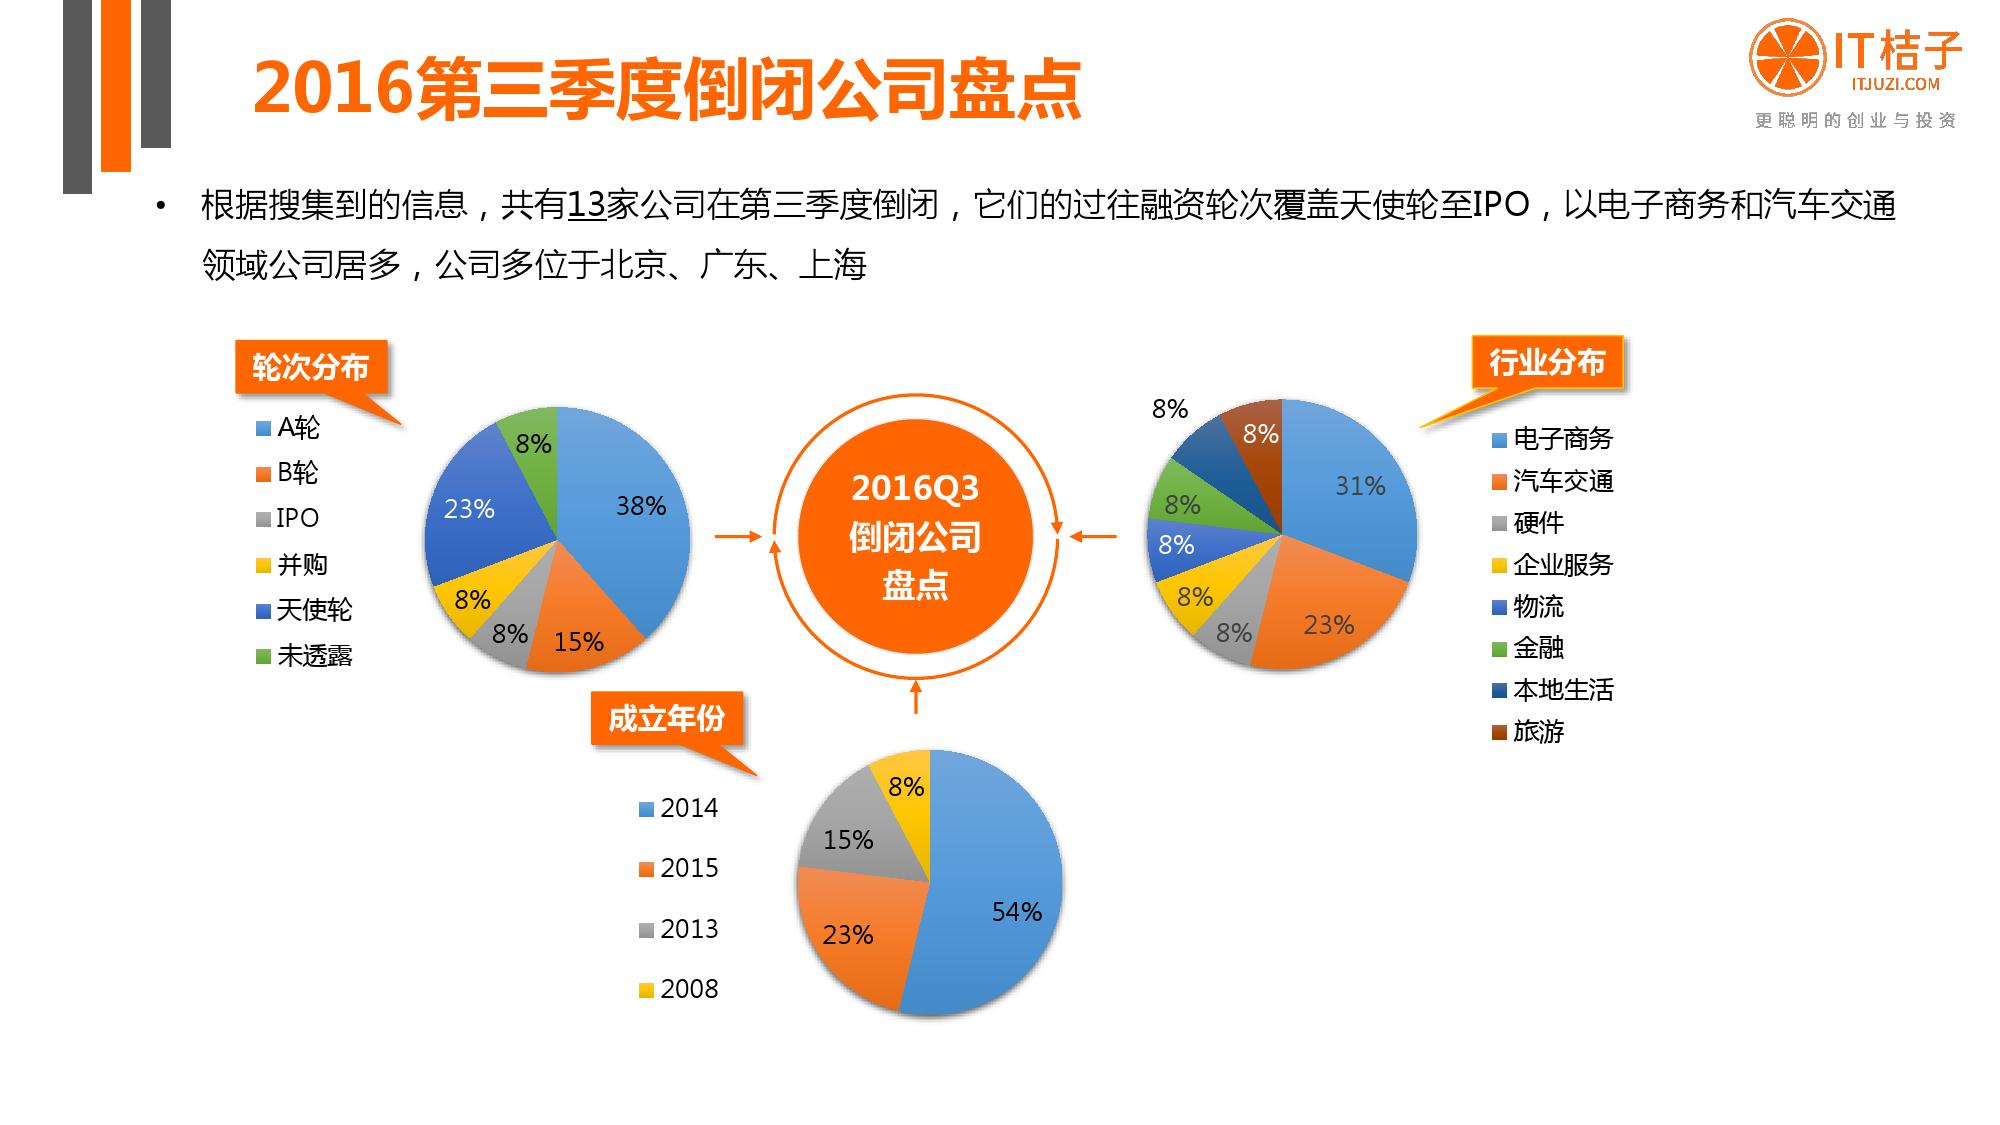 2016%e5%b9%b4q3%e4%b8%ad%e5%9b%bd%e4%ba%92%e8%81%94%e7%bd%91%e5%88%9b%e4%b8%9a%e6%8a%95%e8%b5%84%e5%88%86%e6%9e%90%e6%8a%a5%e5%91%8a_000050